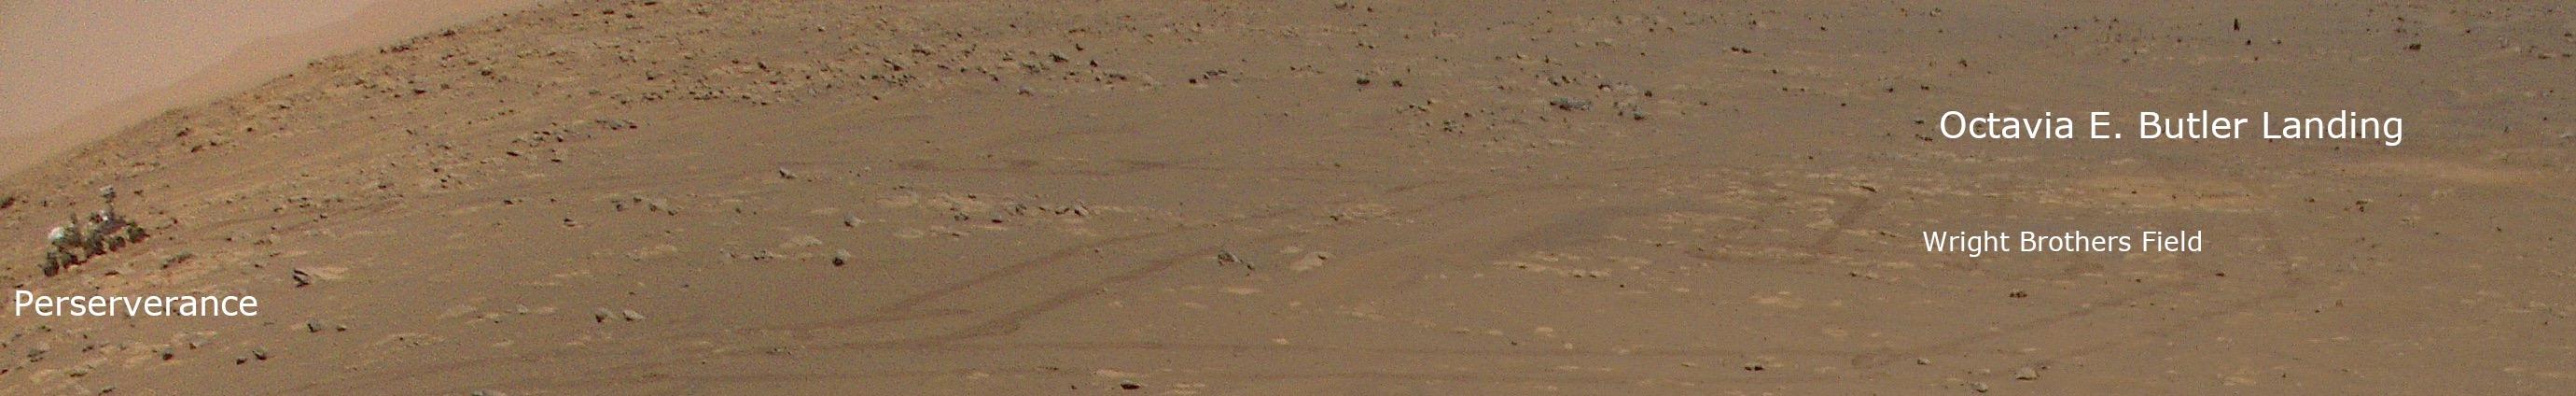 L'hélicoptère Mars de la NASA Ingenuity se trouvait à environ 85 mètres du rover Perseverance lorsqu'il a pris cette photo révolutionnaire le 25 avril 2021.